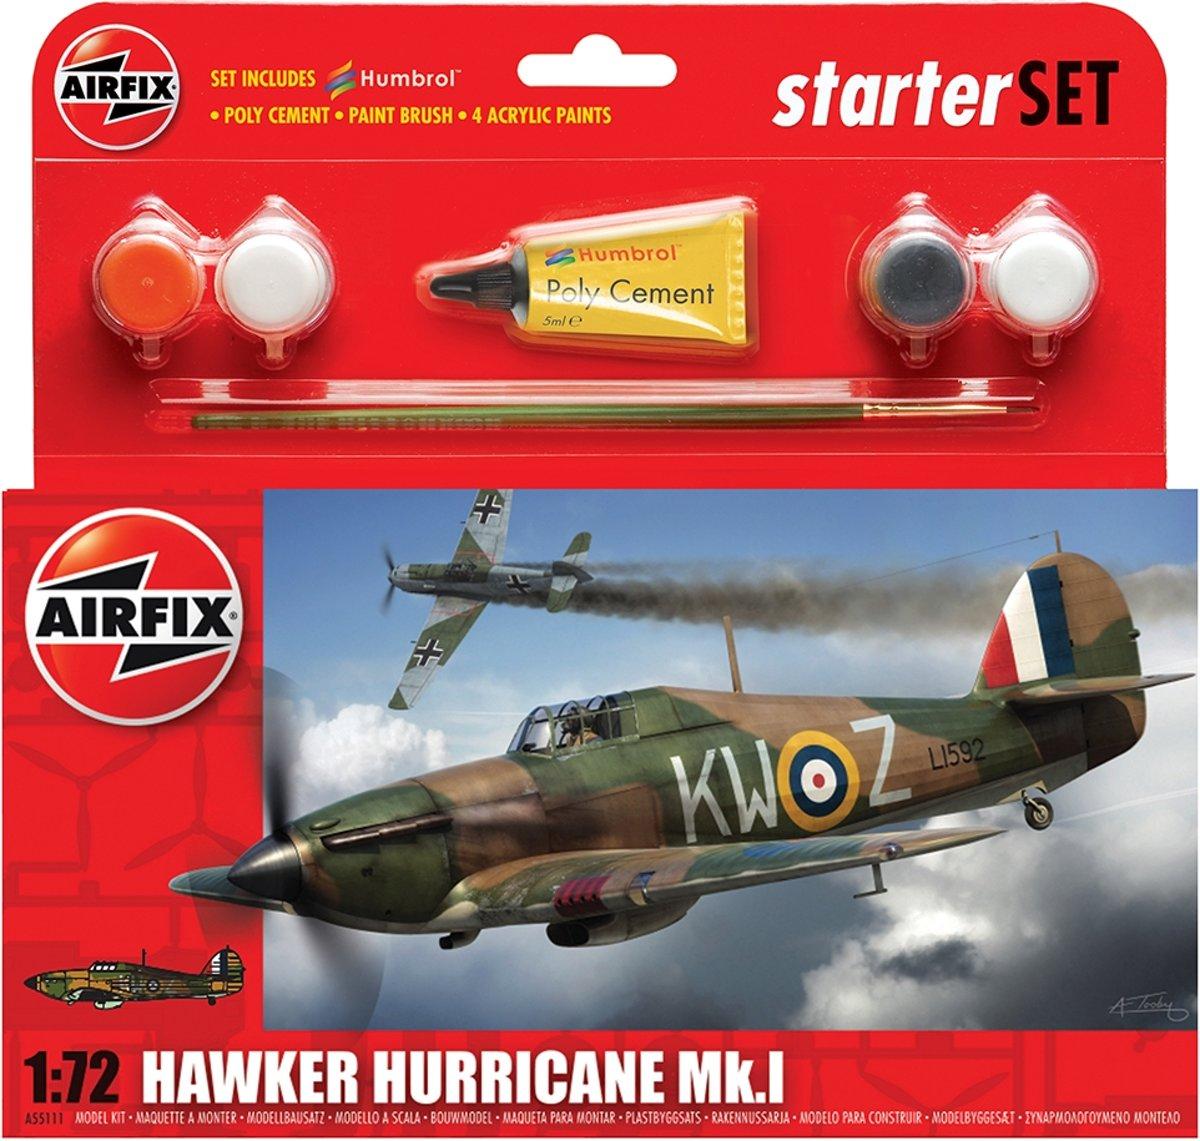 Airfix - S  Starter Set - Hawker Hurricane Mki (Af55111)